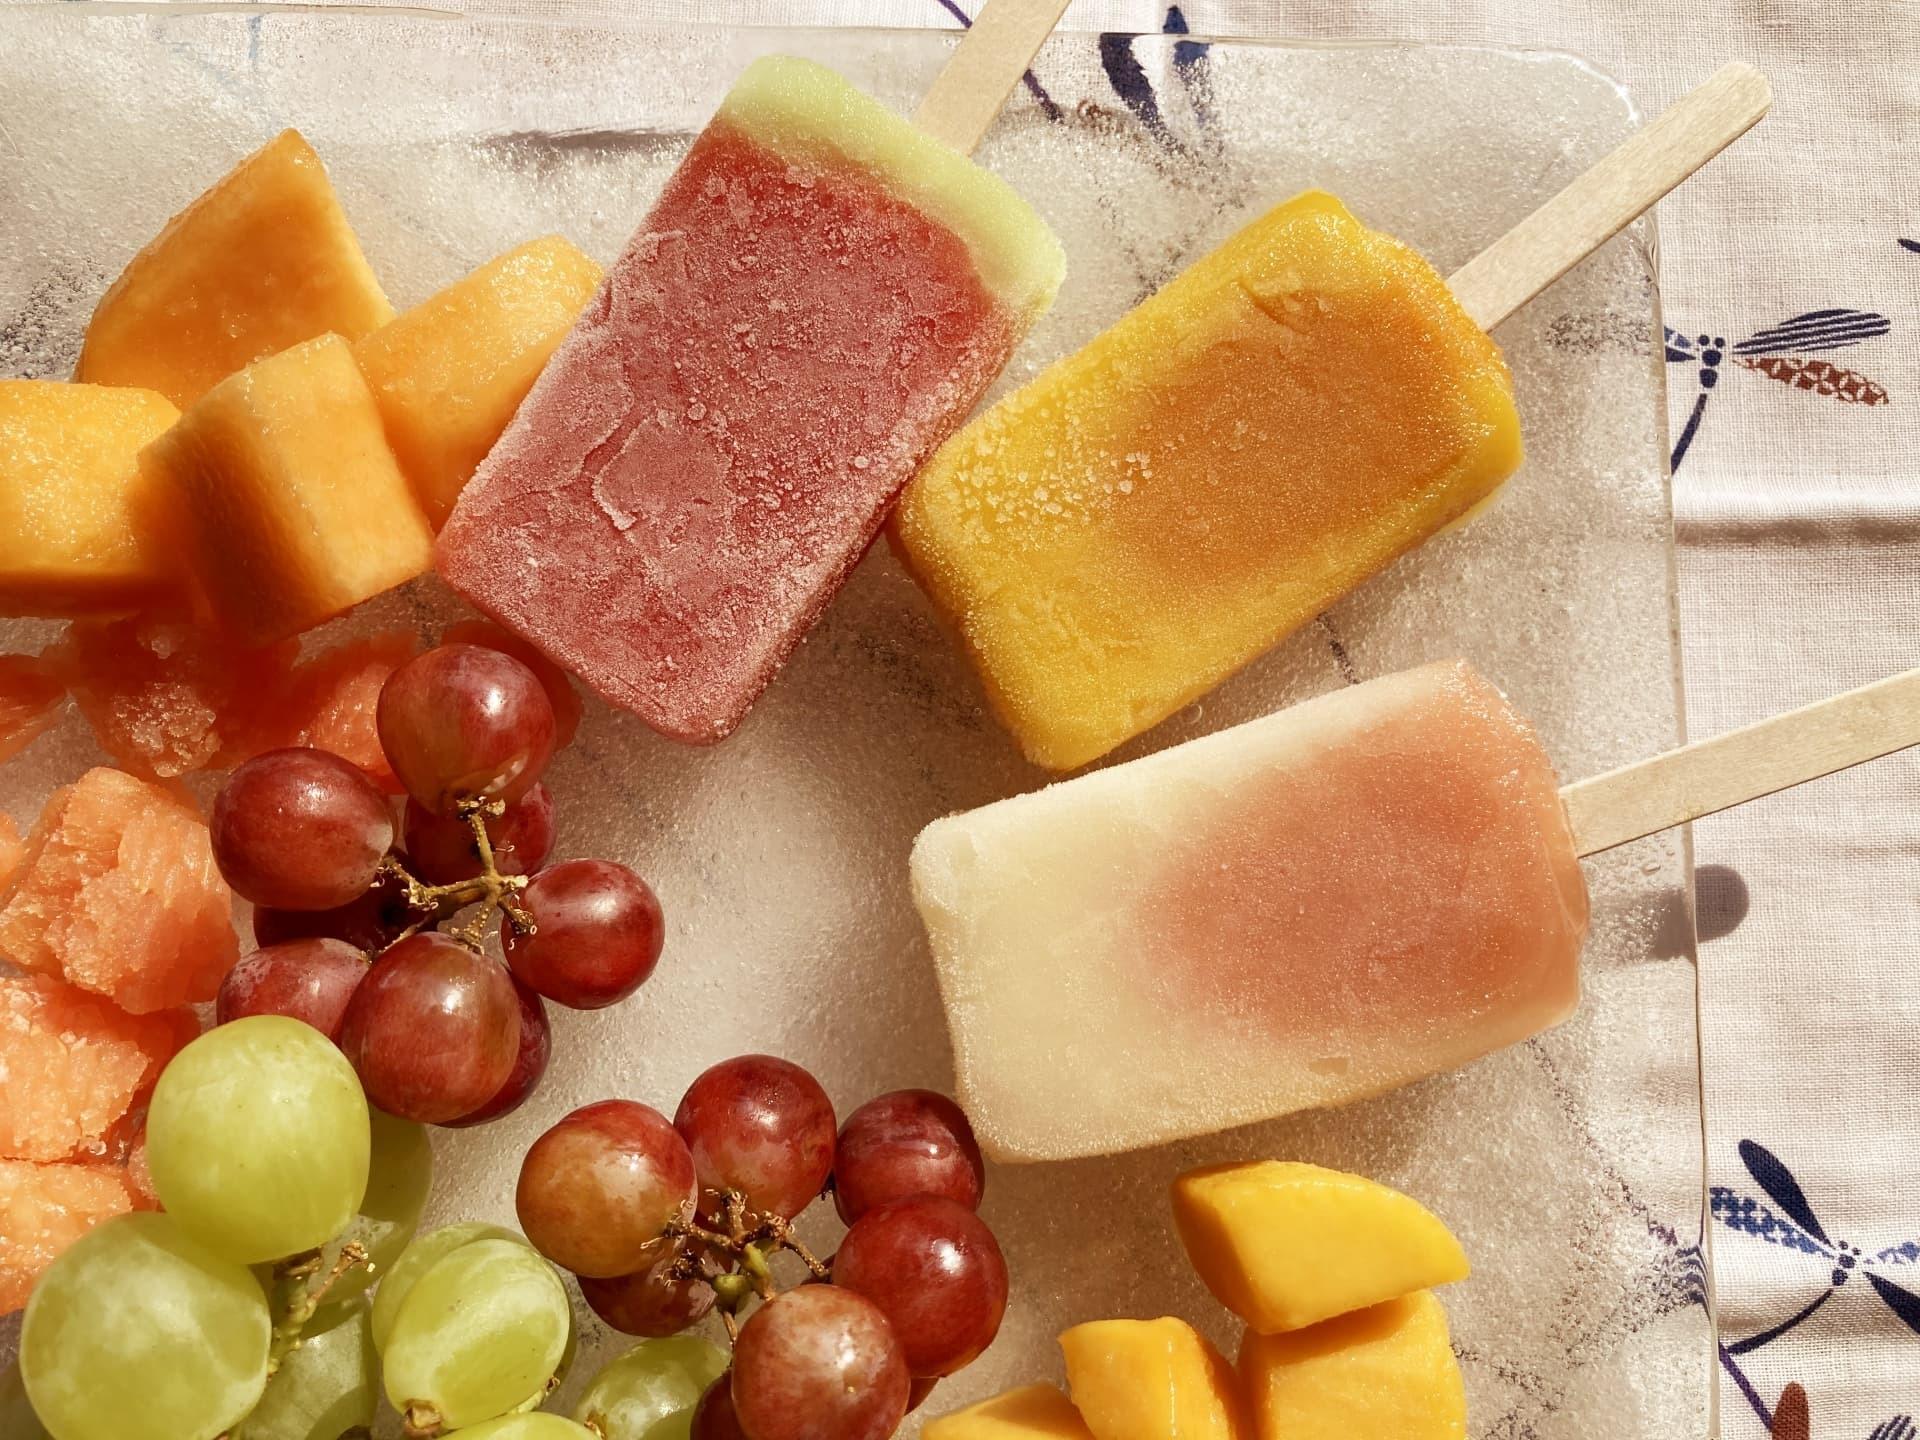 セブンイレブンのアイス「まるですいか、まるで完熟マンゴー、まるで完熟白桃」